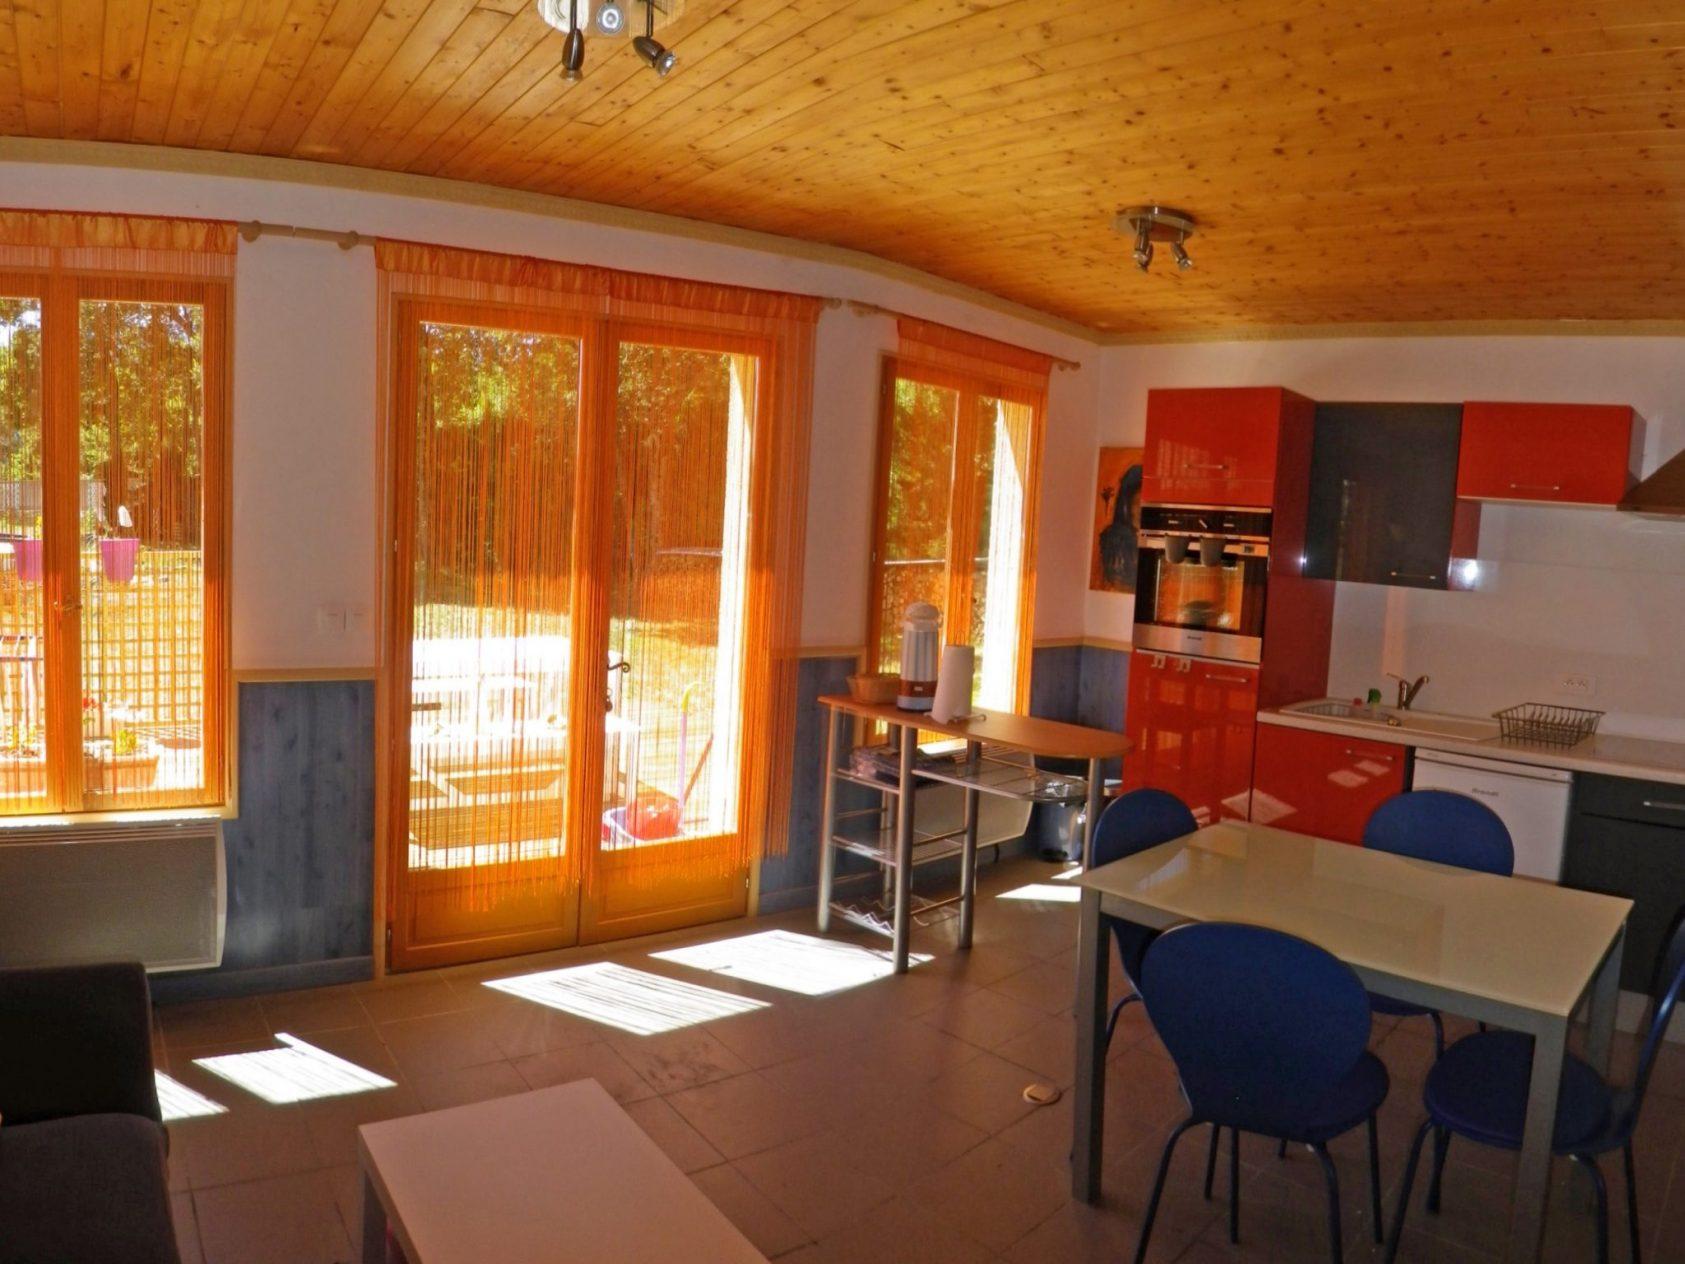 huisje-maisonette keuken hq originele grootte